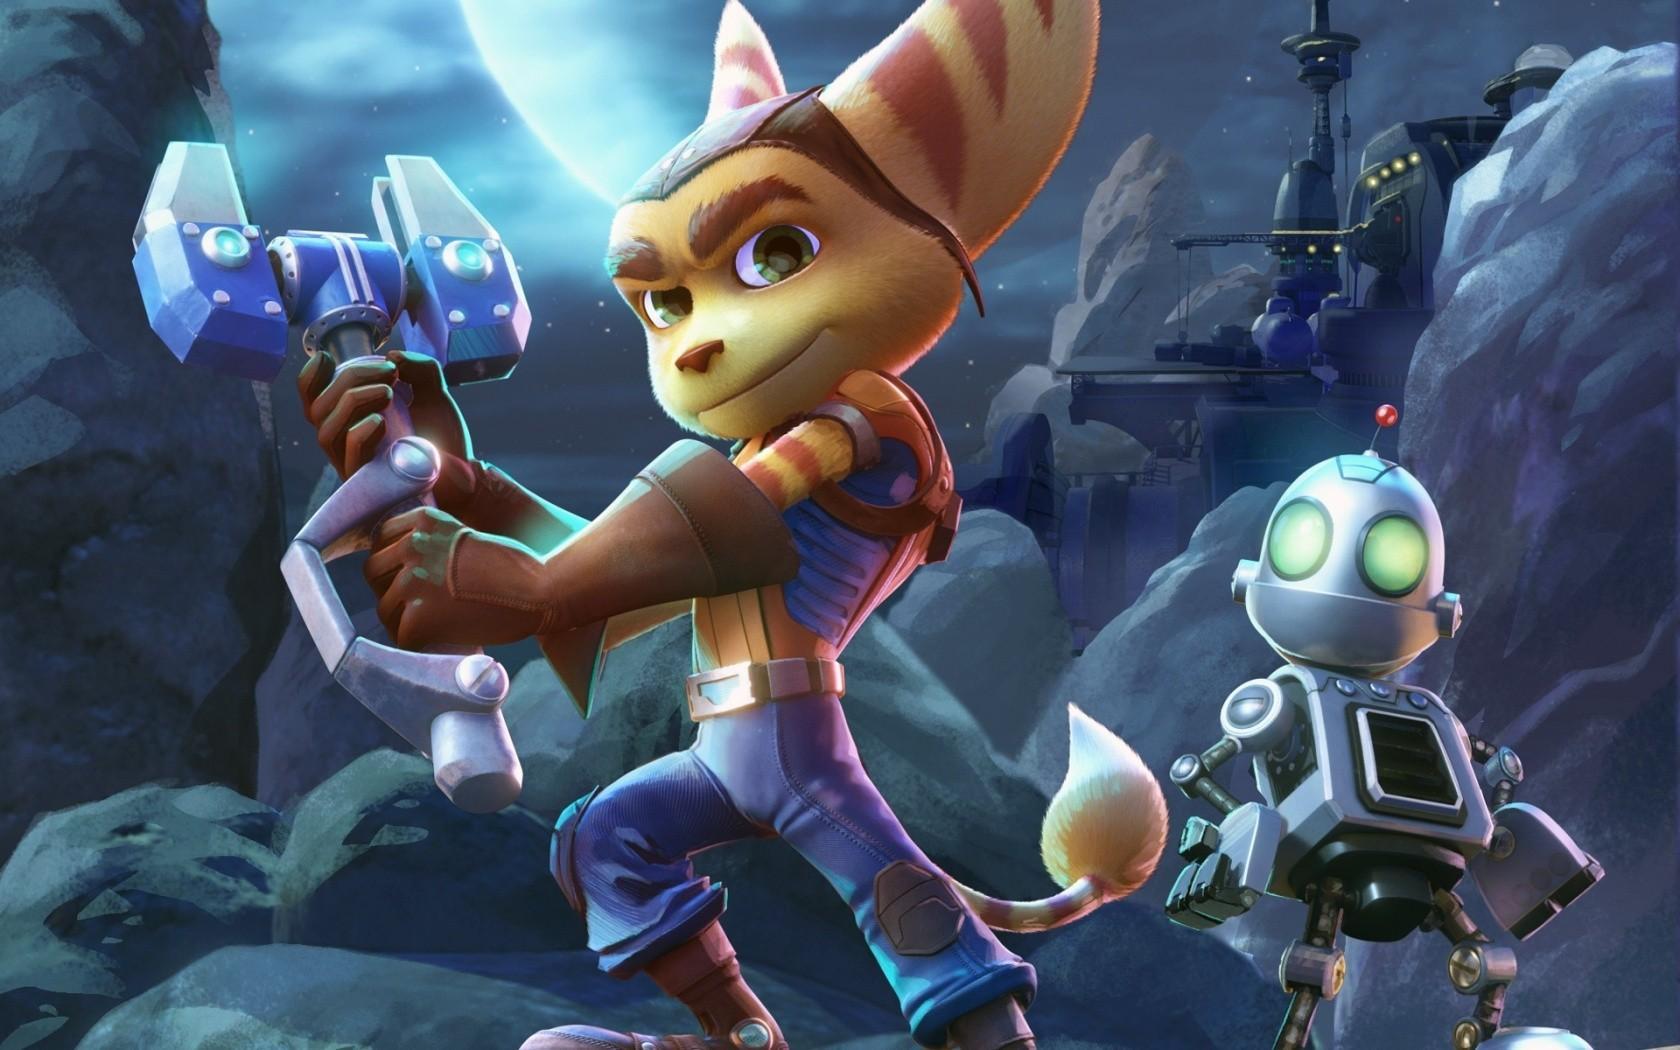 Сюрприз от Insomniac Games - приключение Ratchet & Clank получило обновление для PS5 2